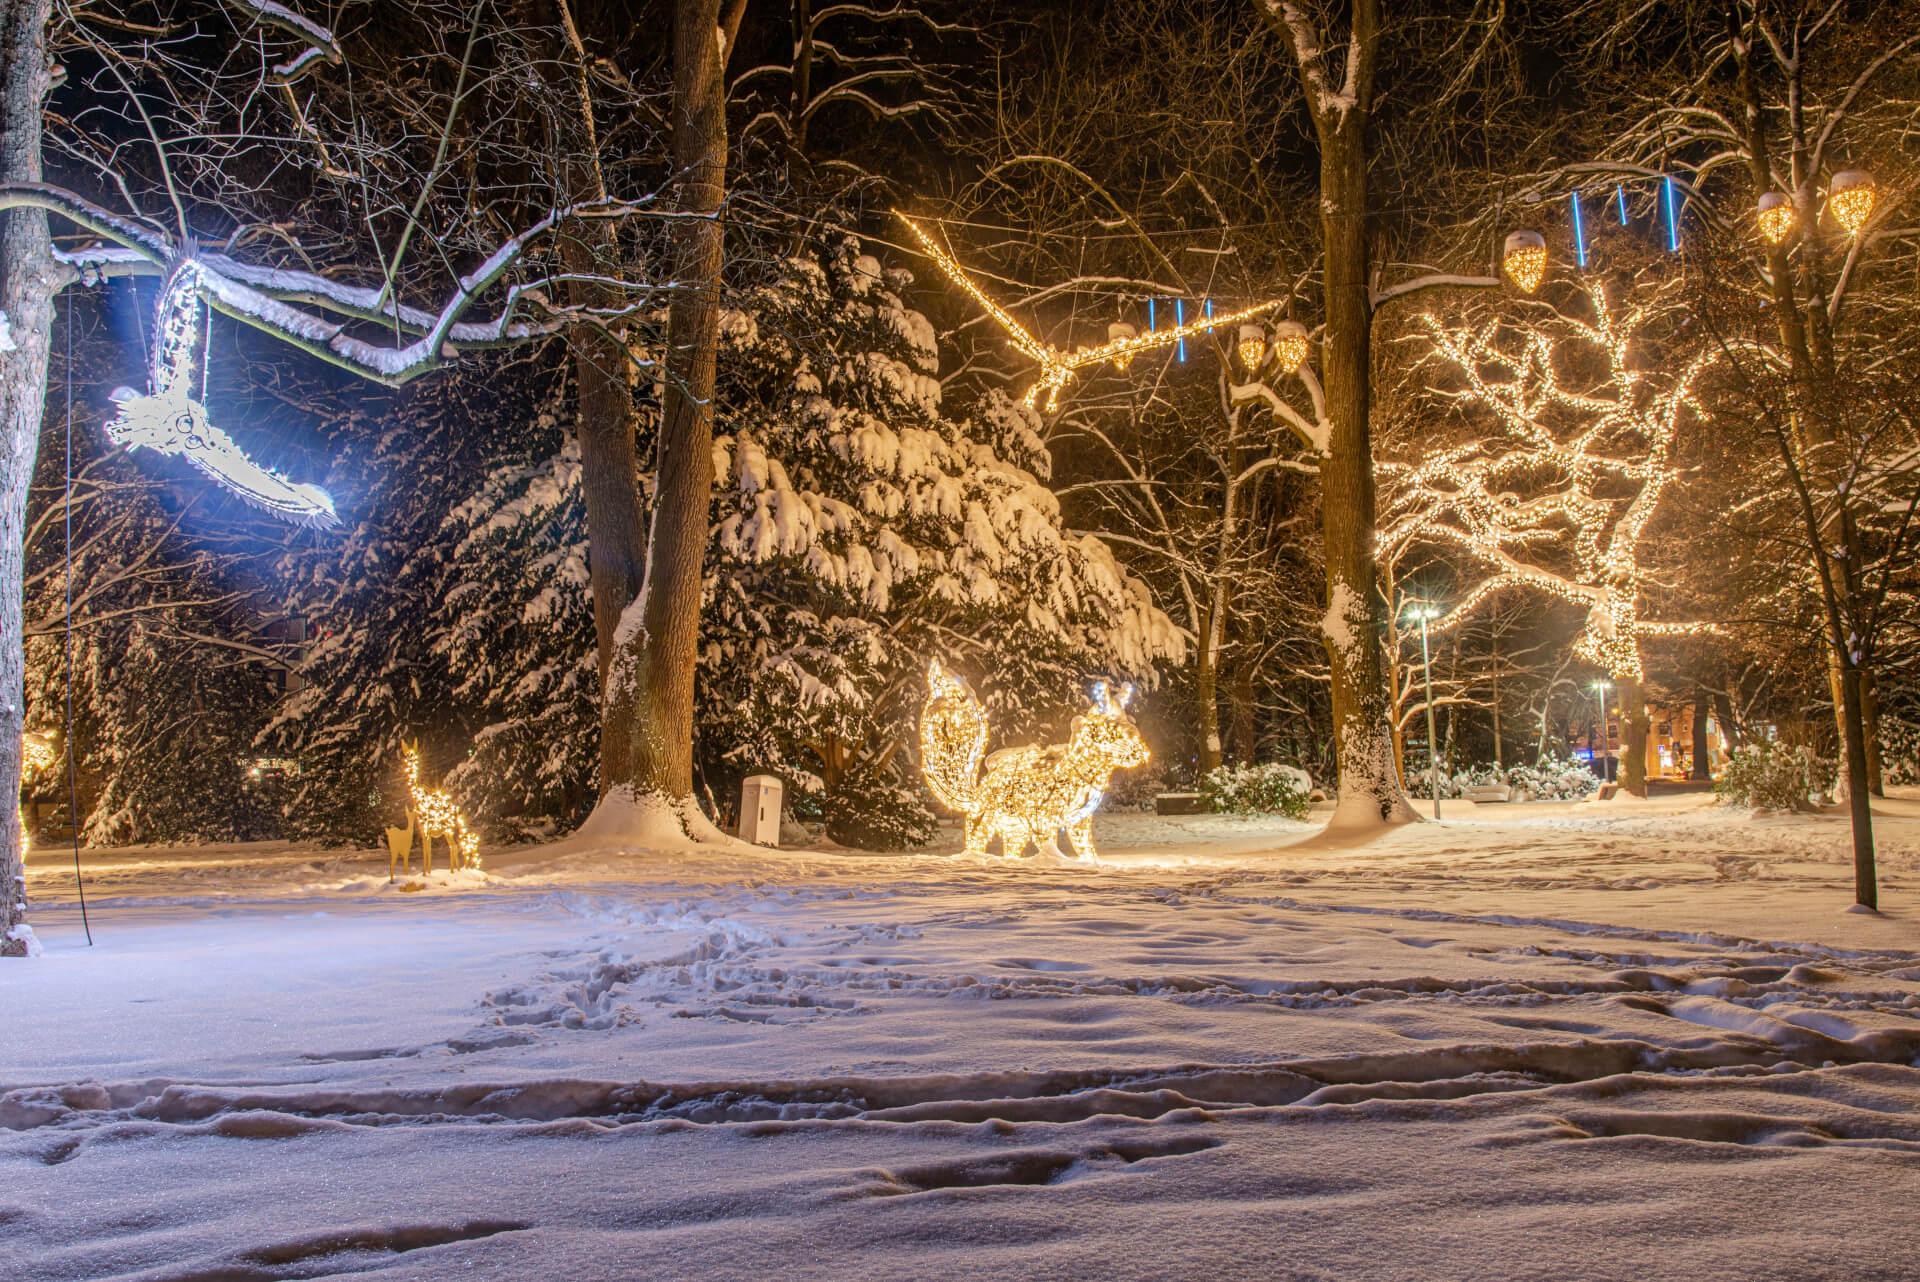 Lichterzauber im Schnee, Wallanlage